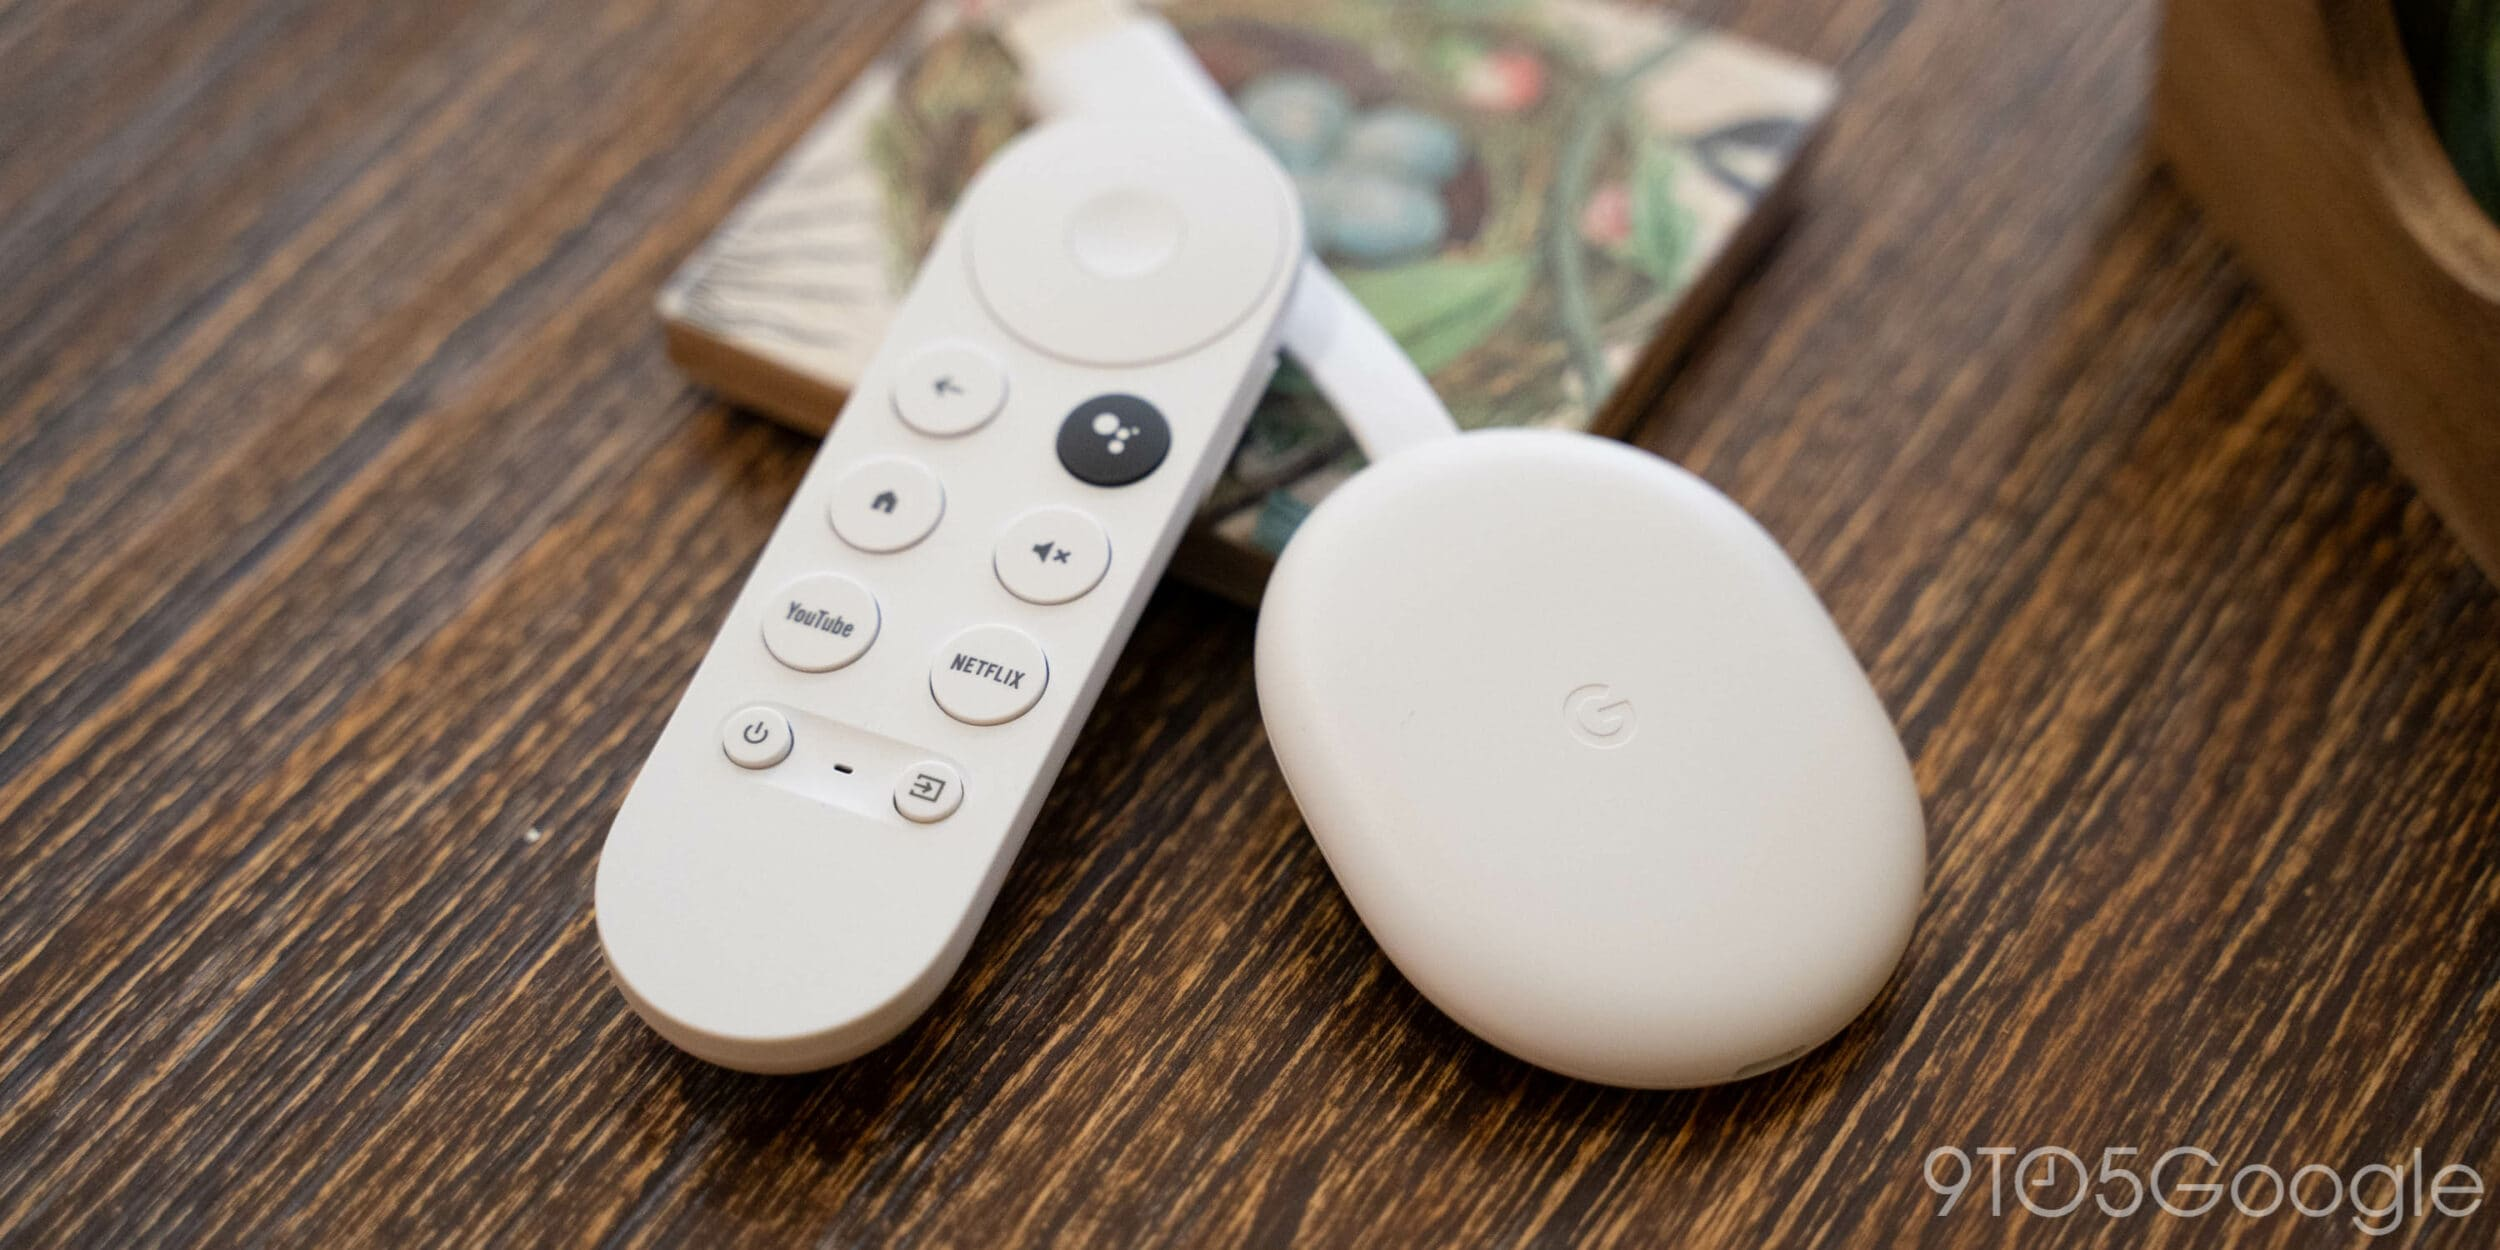 Apple TV è sempre più compatibile con Chromecast con Google TV e ora potete avviare la riproduzione con la voce